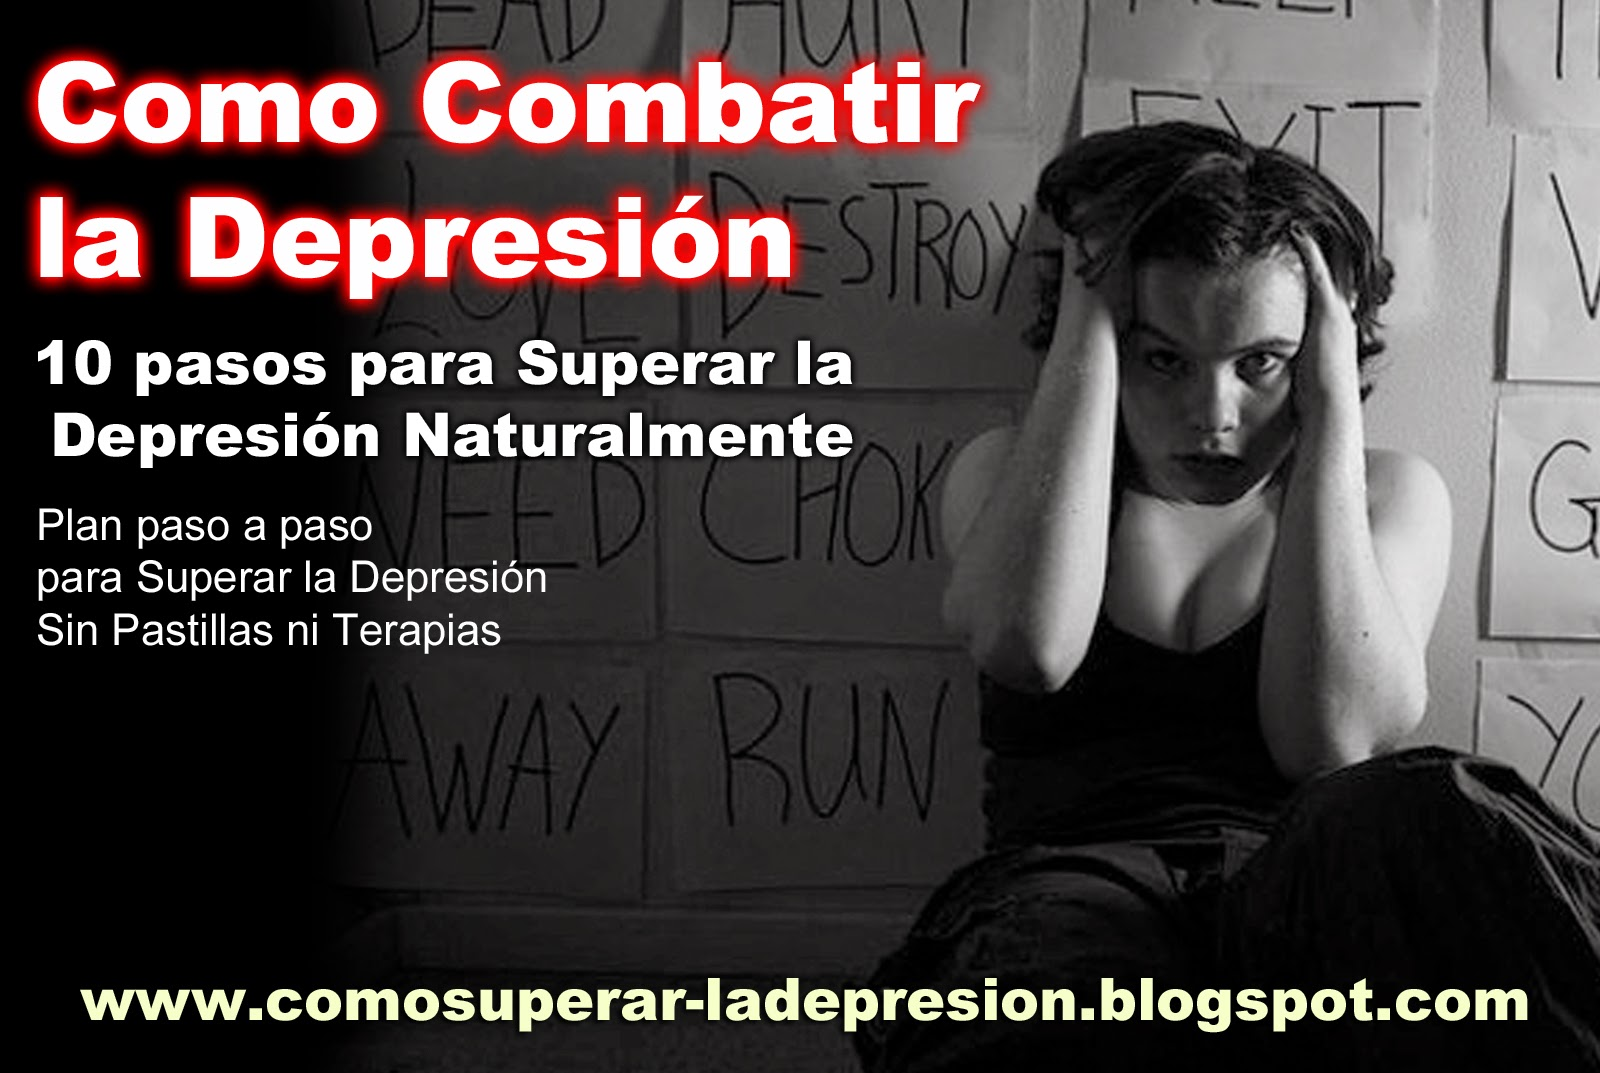 Como superar la depresi n naturalmente como combatir la depresi n m todo para combatir la - Como combatir la condensacion ...